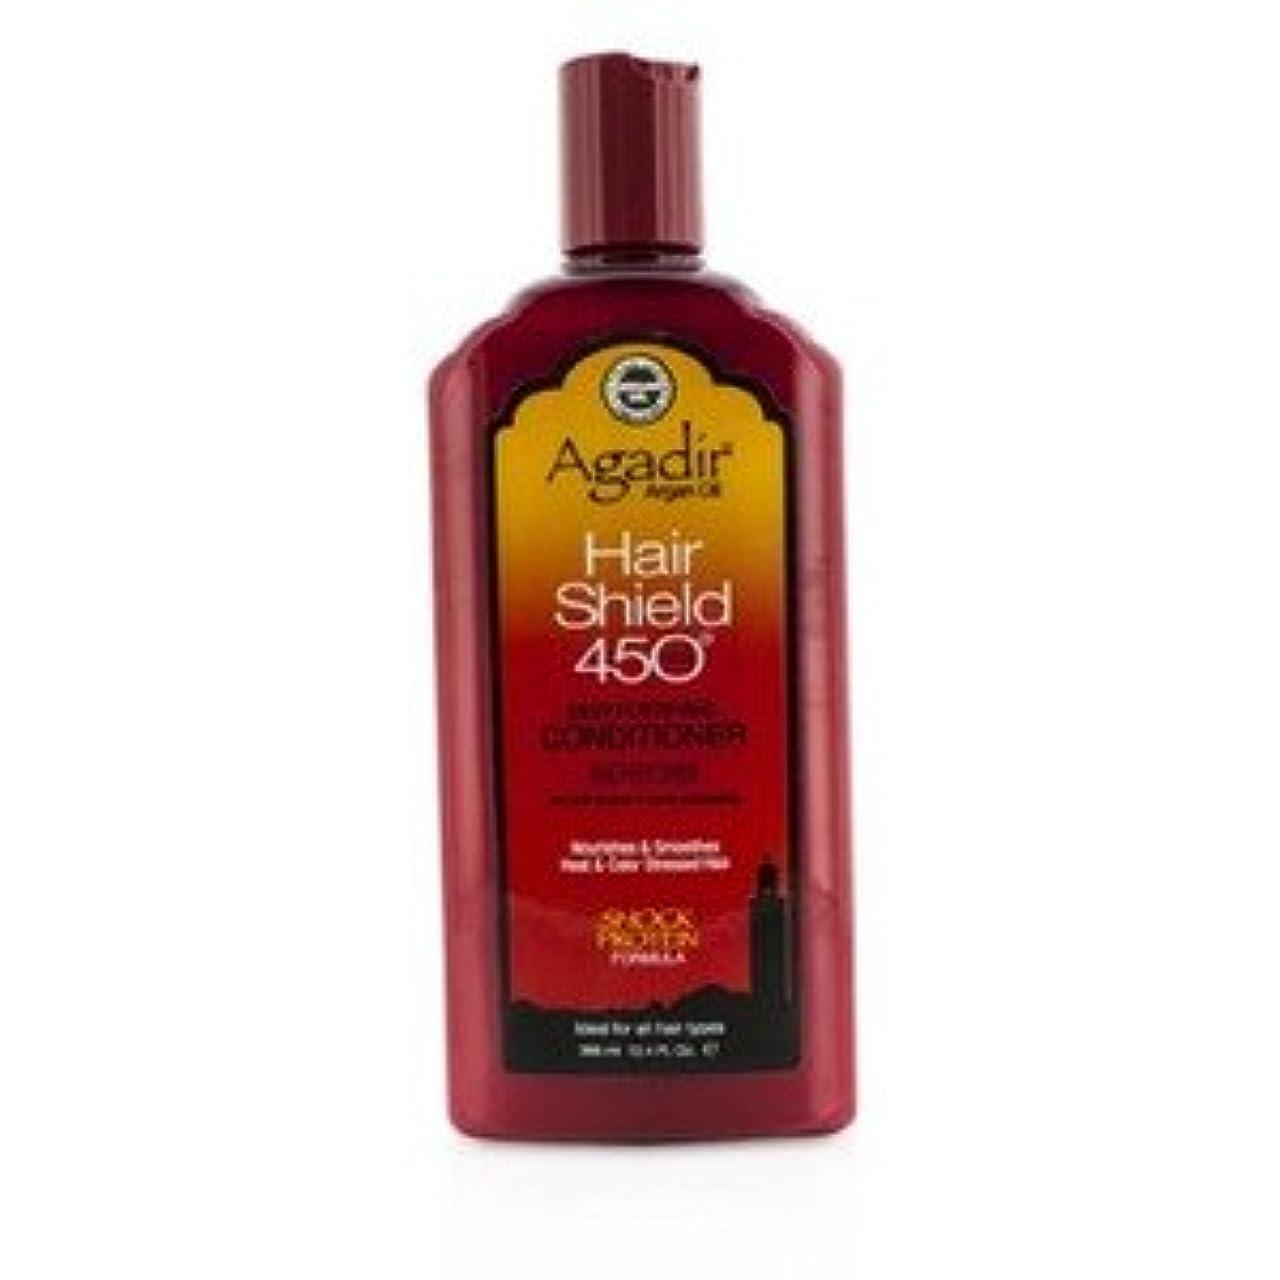 アガディール(Agadir) ヘア シールド 450 プラス ディープ フォーティファイング コンディショナー - サルフェートフリー(For All Hair Types) 366ml/12.4oz [並行輸入品]